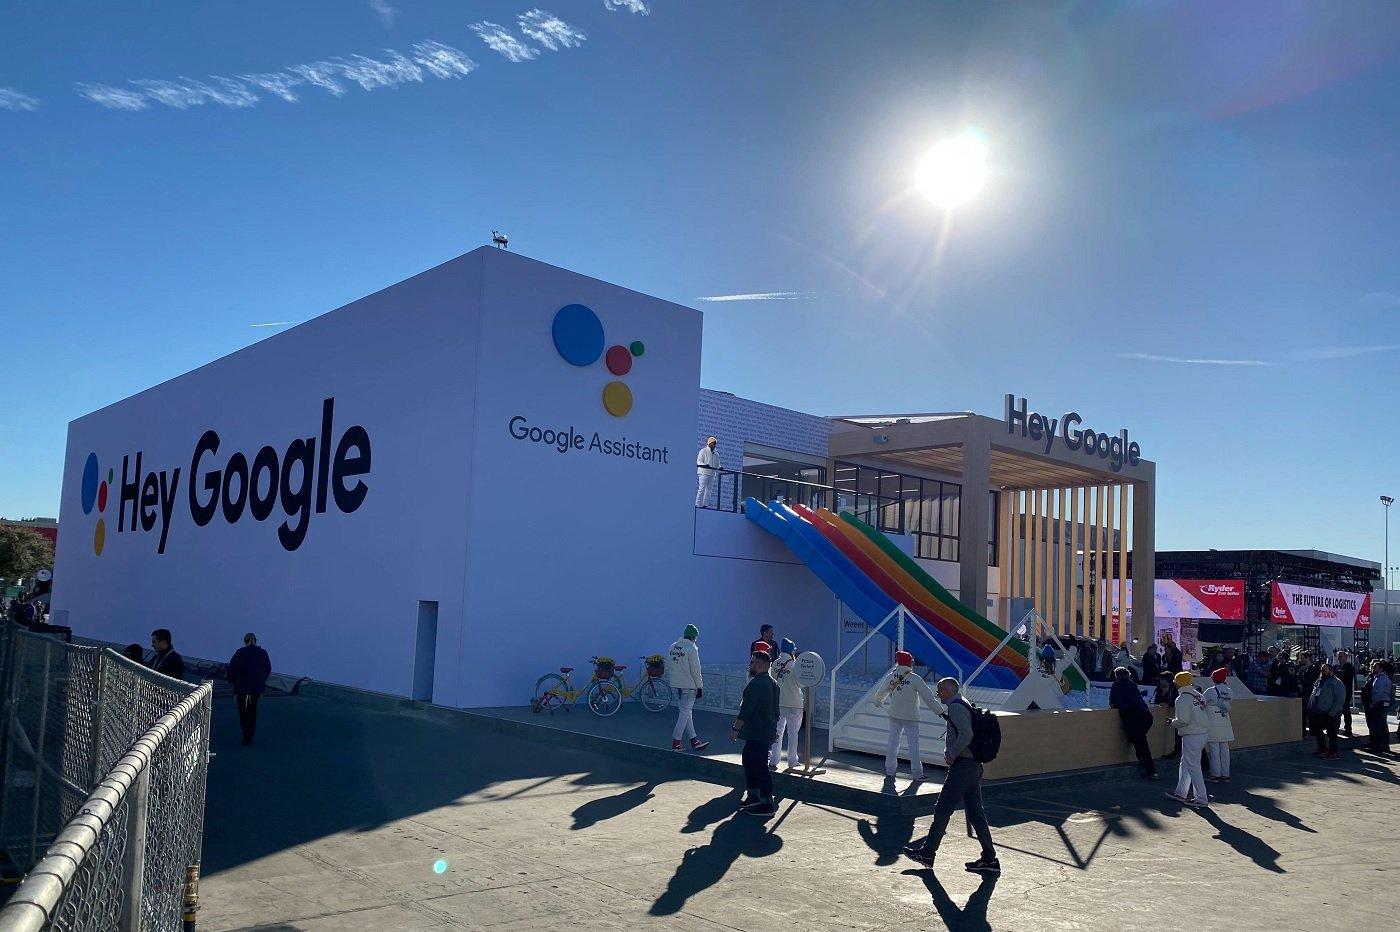 Logo et présence de Google Assistant au CES 2020 de Las Vegas. Avec Google Assistant